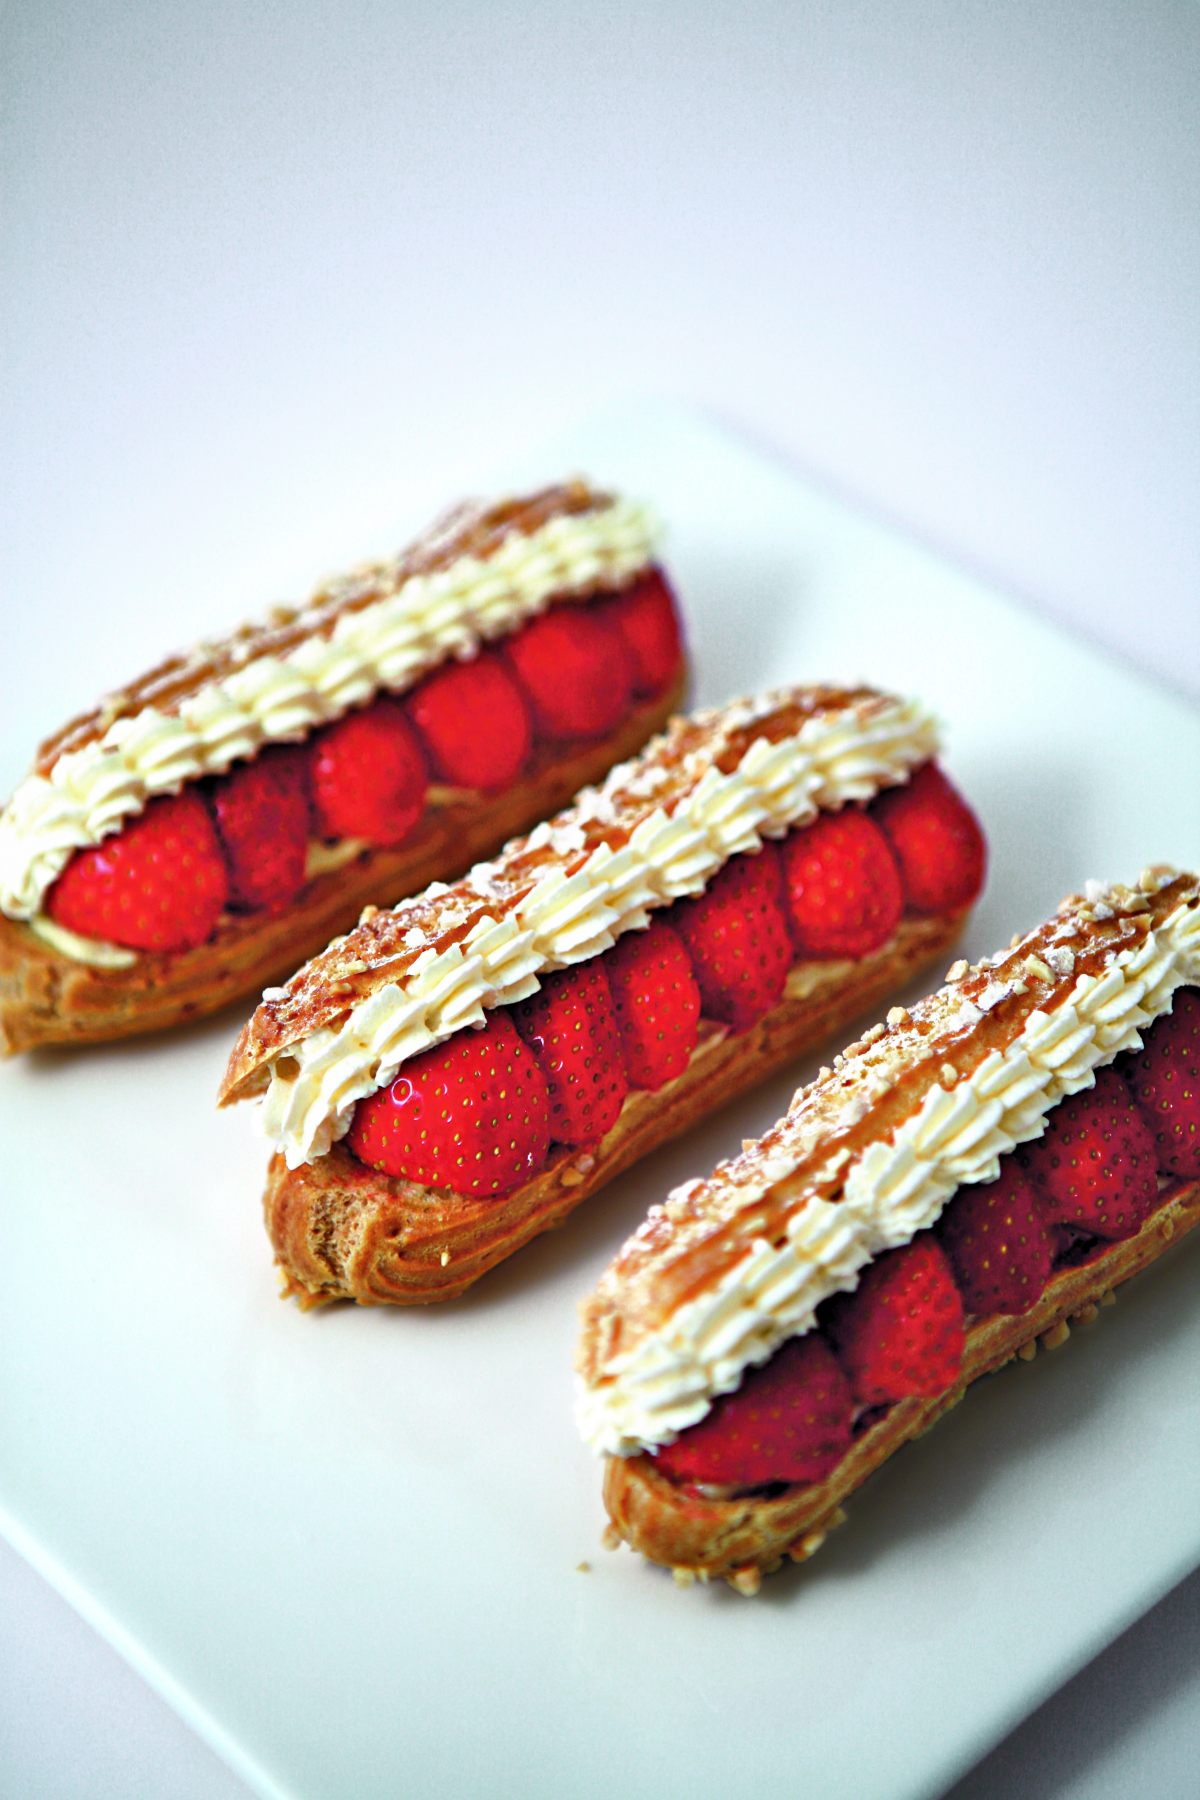 Clairs aux fraises par l 39 cole de cuisine alain ducasse for Alain ducasse ecole de cuisine